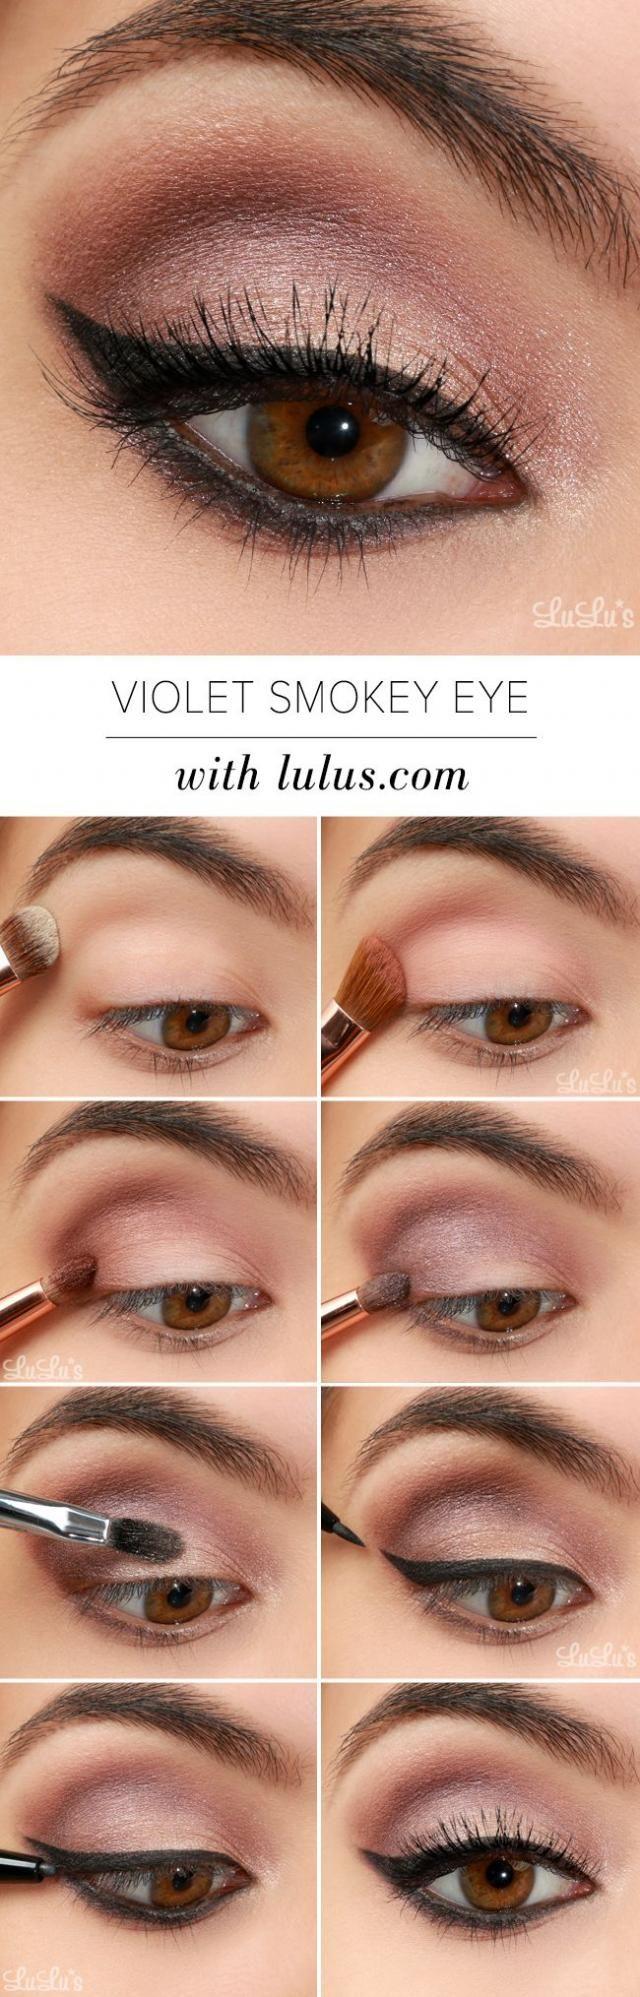 25 pomysłów na codzienny makijaż oczu